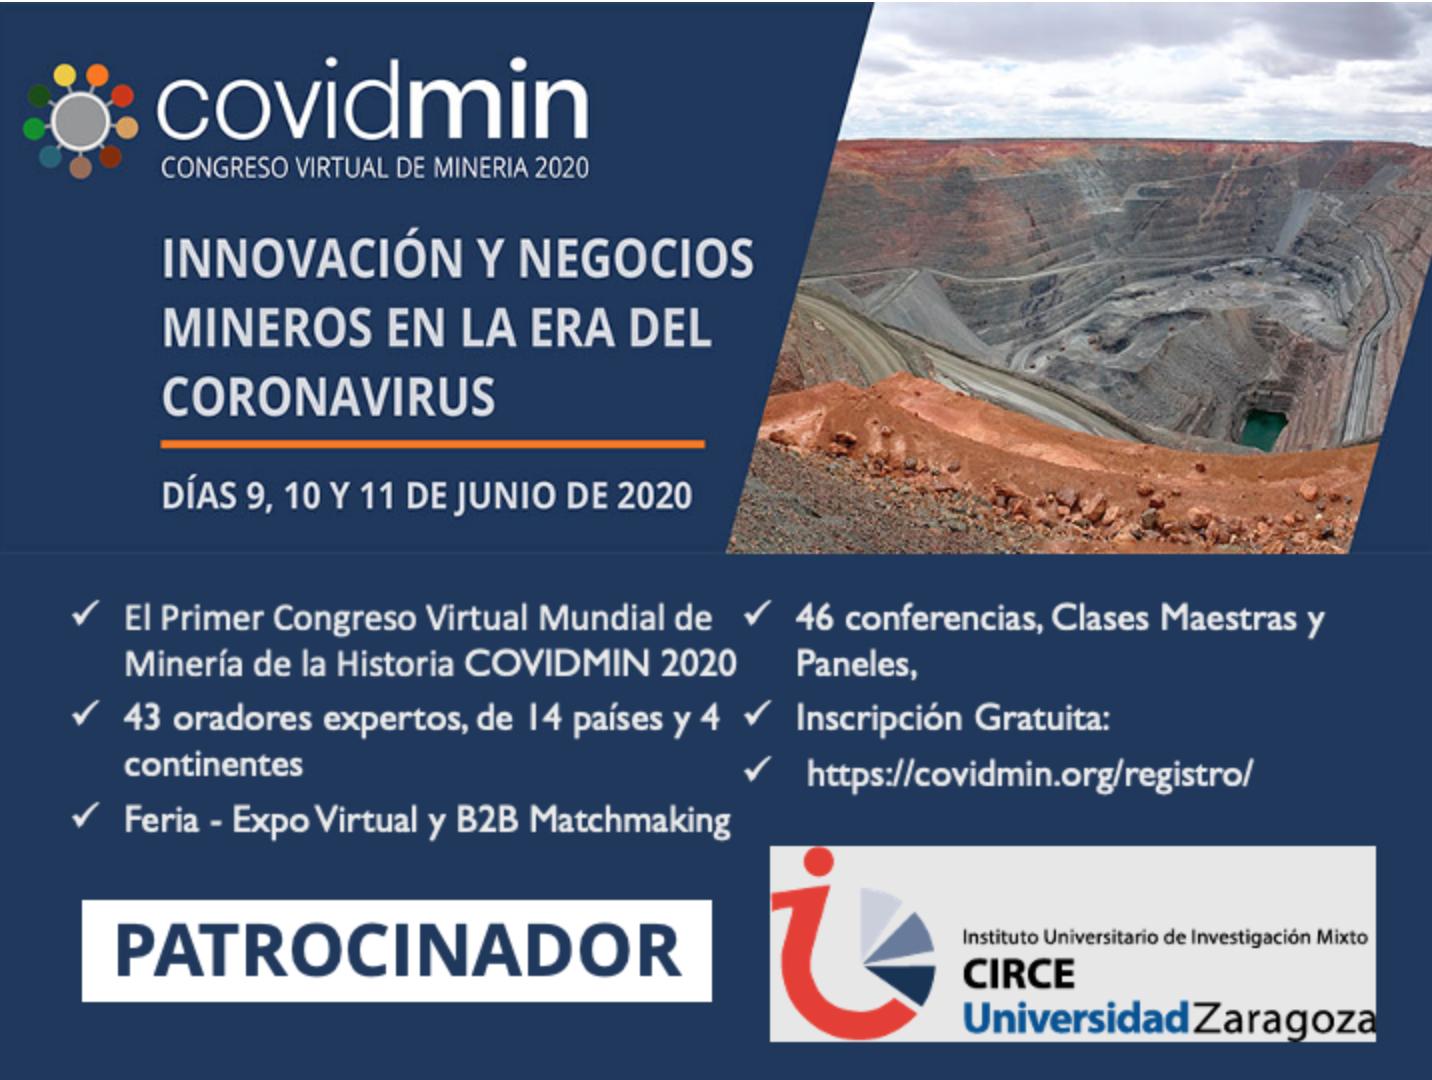 Congreso Virtual de Minería: Covidmin2020